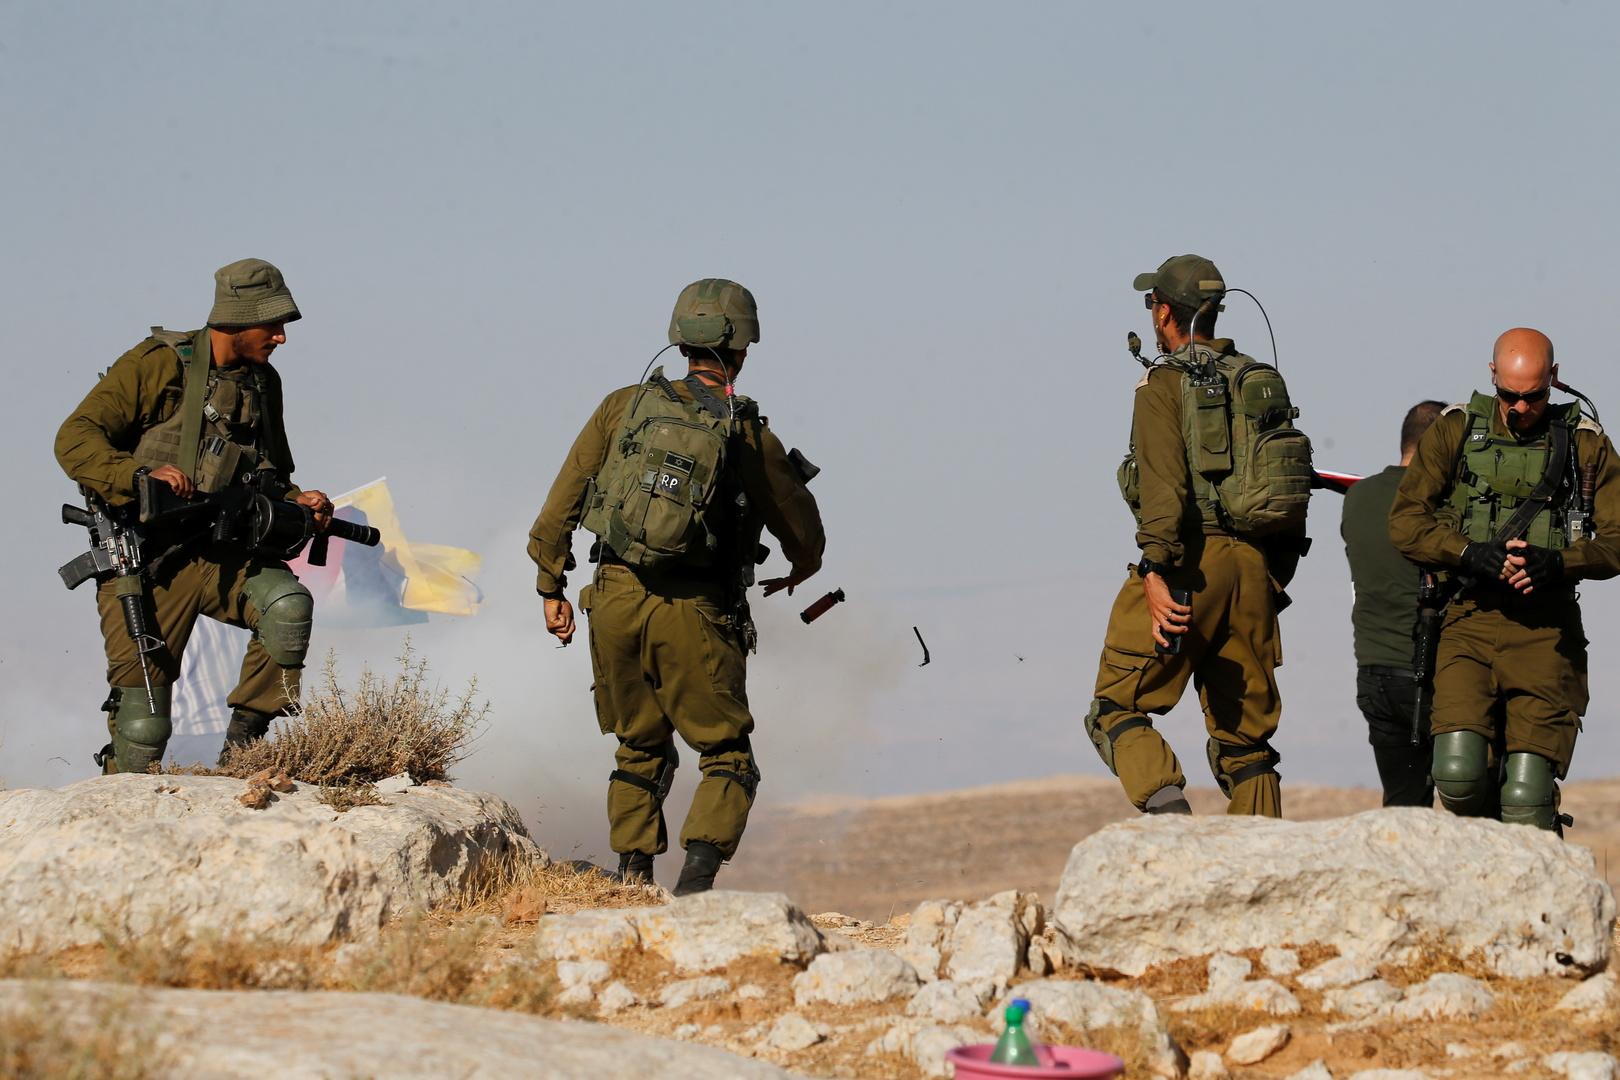 القوات الإسرائيلية تقيم حواجز في الضفة وتمنع حركة المواطنين